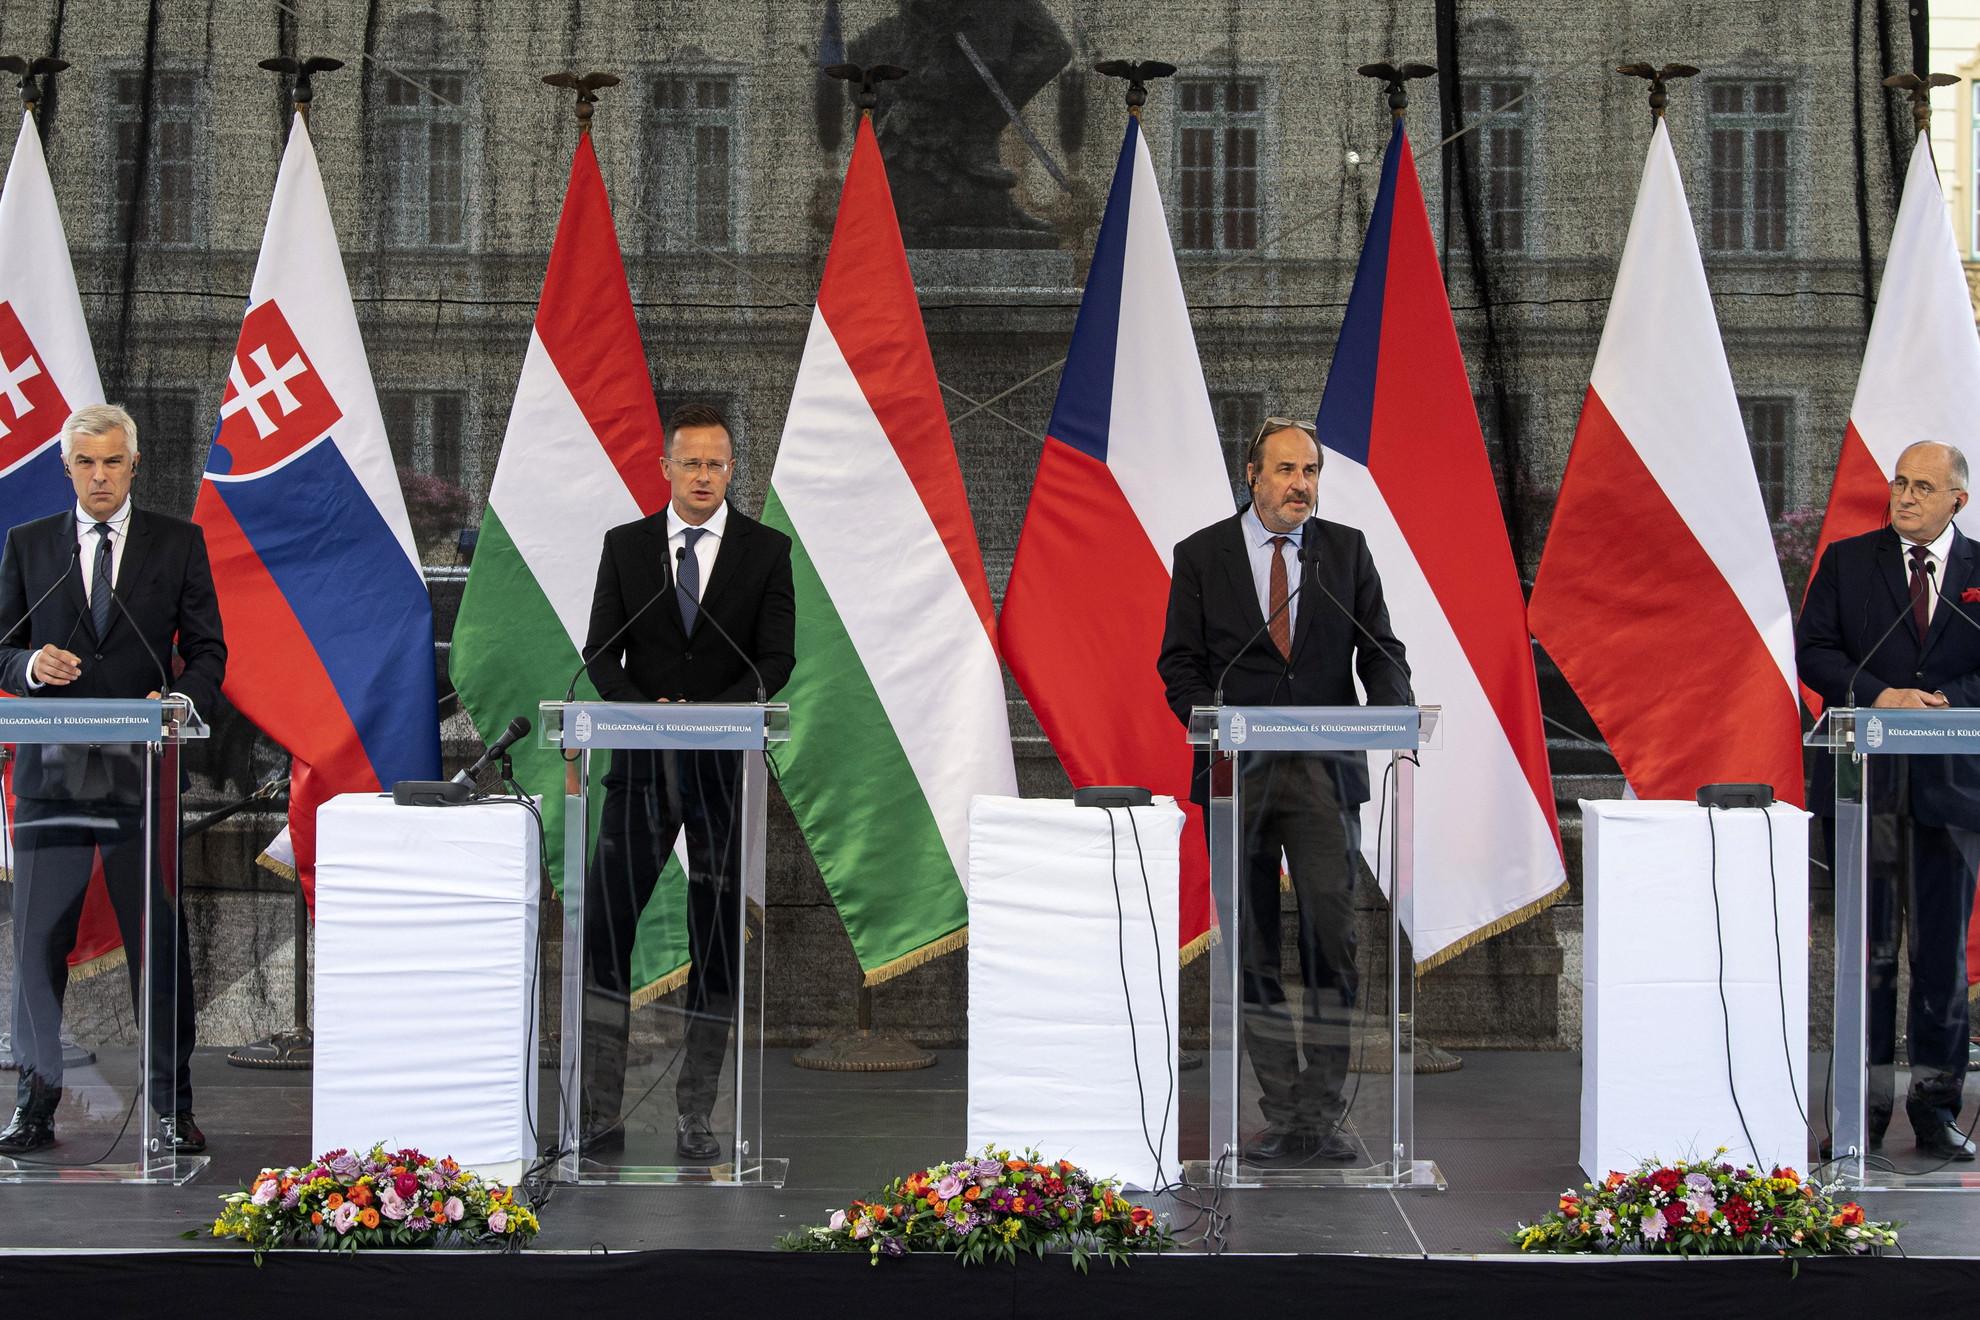 Ivan Korcok, Szlovákia kül- és Európa-ügyi minisztere, Szijjártó Péter külgazdasági és külügyminiszter, Jan Kohout, Csehország külügyminiszter-helyettese és Zbigniew Rau, Lengyelország külügyminisztere (b-j) sajtótájékoztatót tartanak a V4-ek külügyminiszteri találkozóján Komáromban 2021. július 19-én.